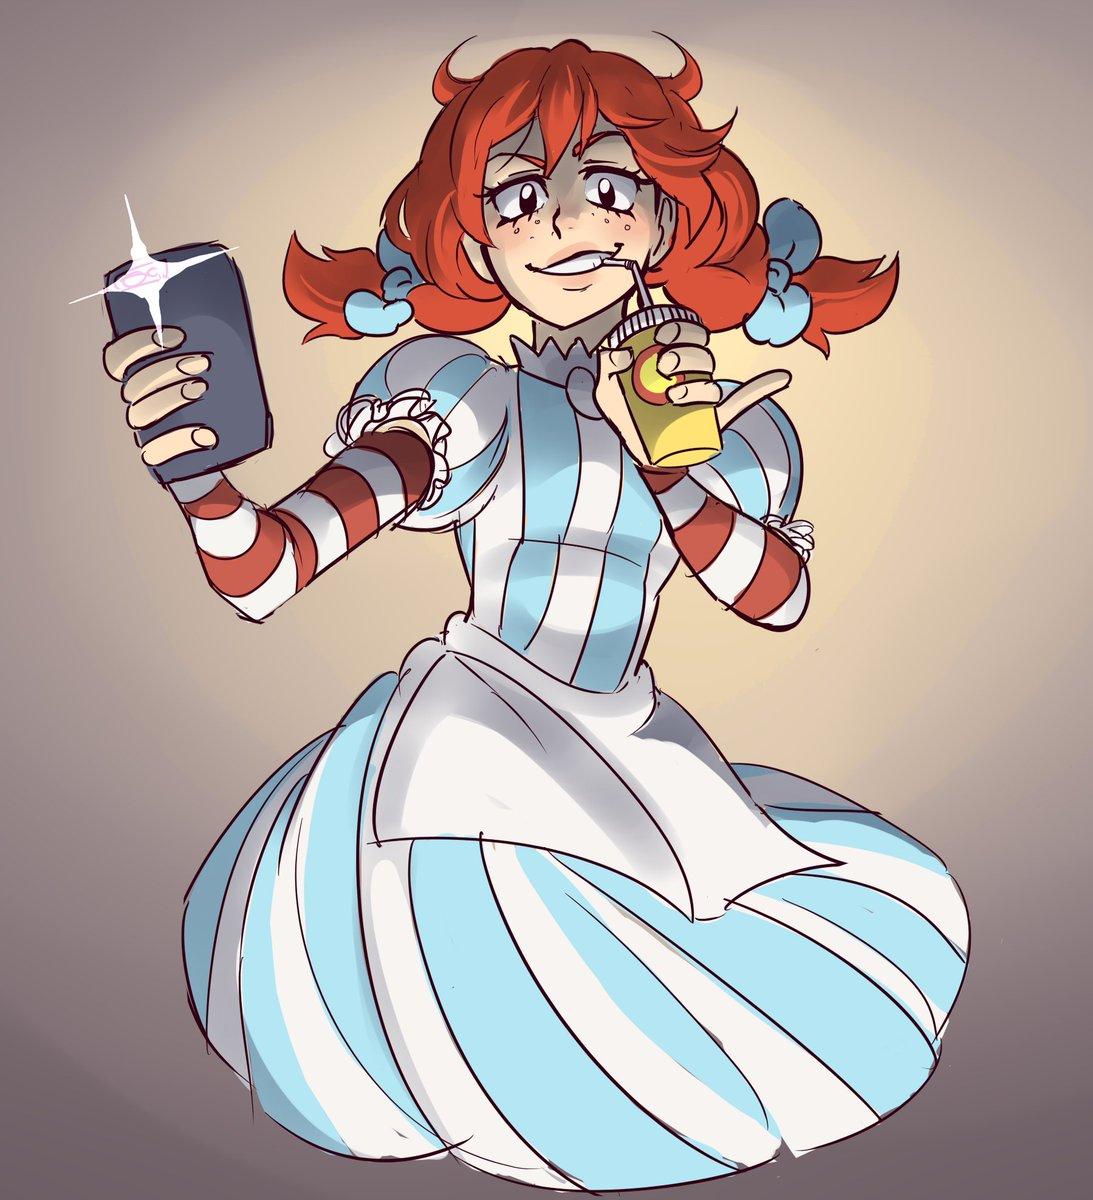 Wendys Anime Girl